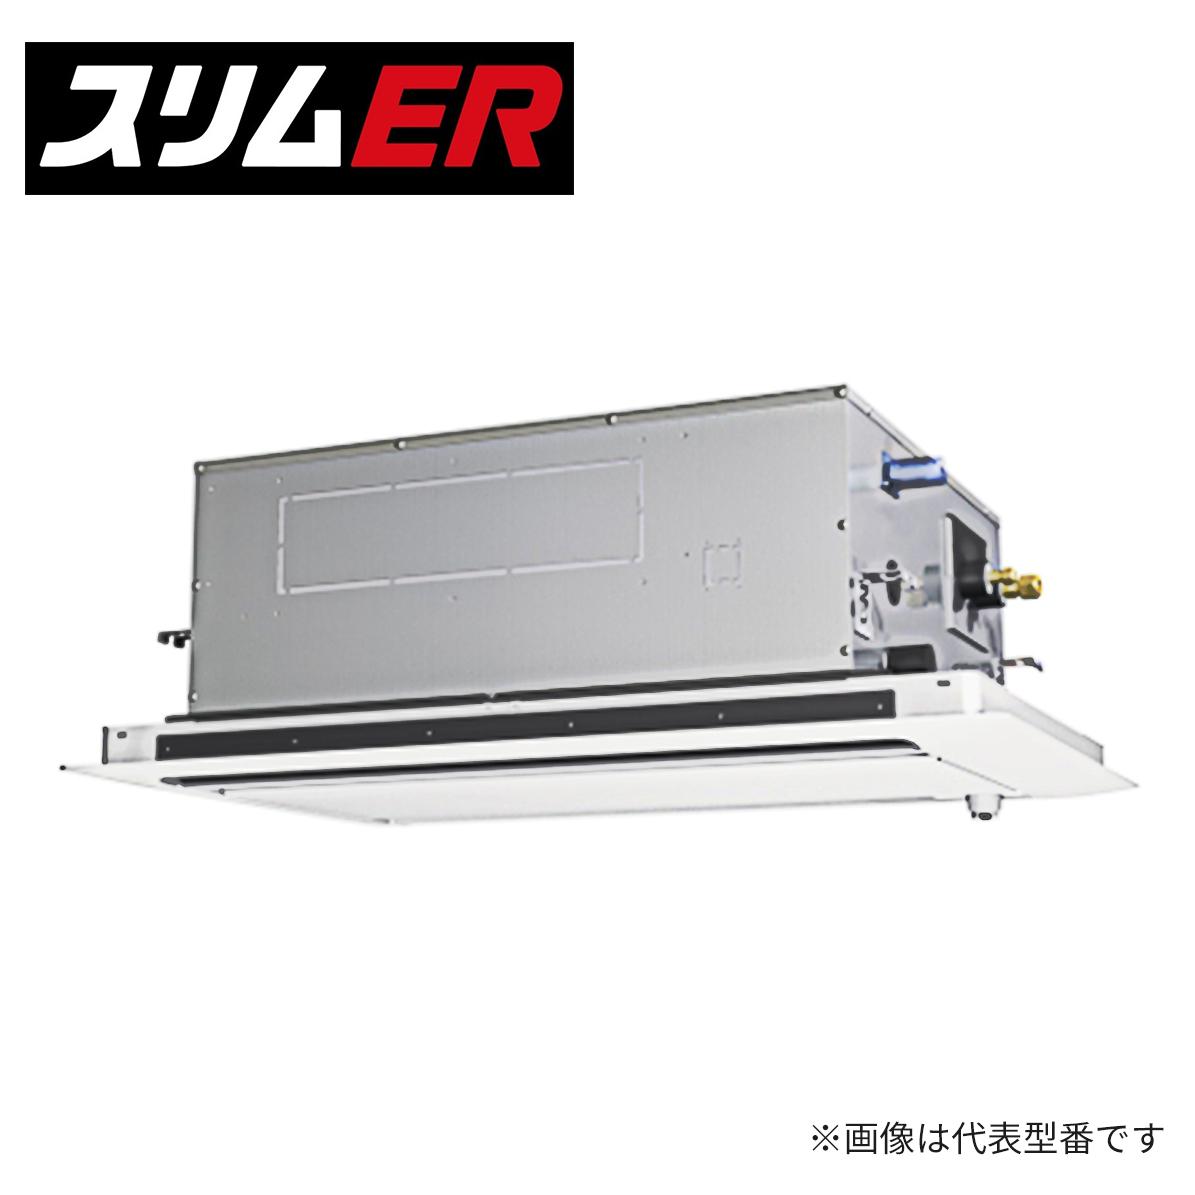 ###三菱 業務用エアコン【PLZ-ERMP45SLR】スリムER 2方向天井カセット形 標準シングル 単相200V 1.8馬力